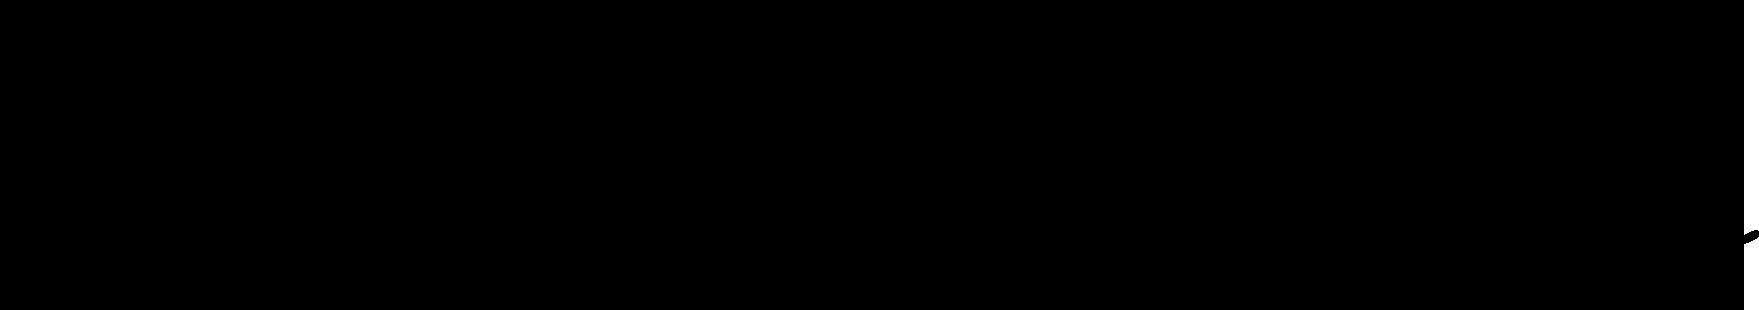 Slogan Ilios Negro